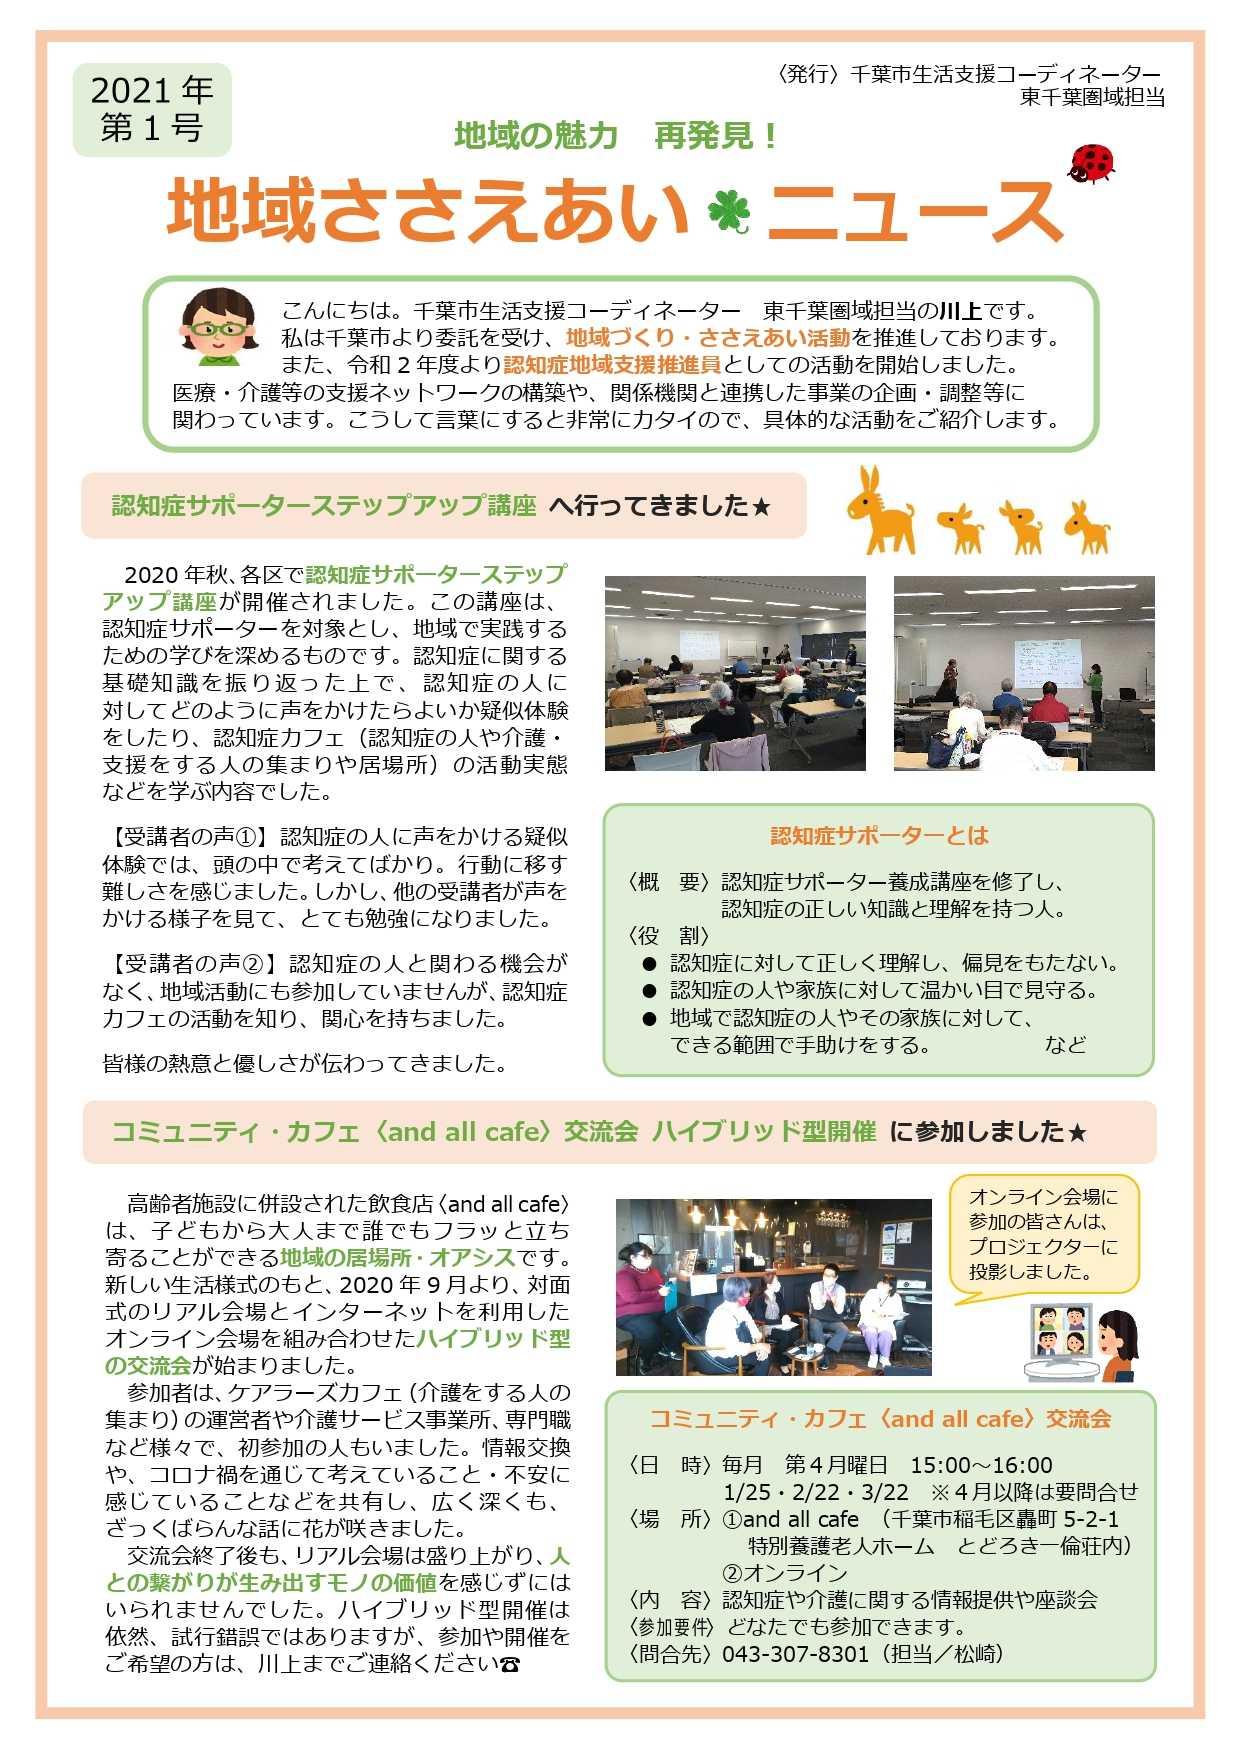 【お知らせ】広報紙「地域ささえあいニュース 2021年第1号」発行しました。